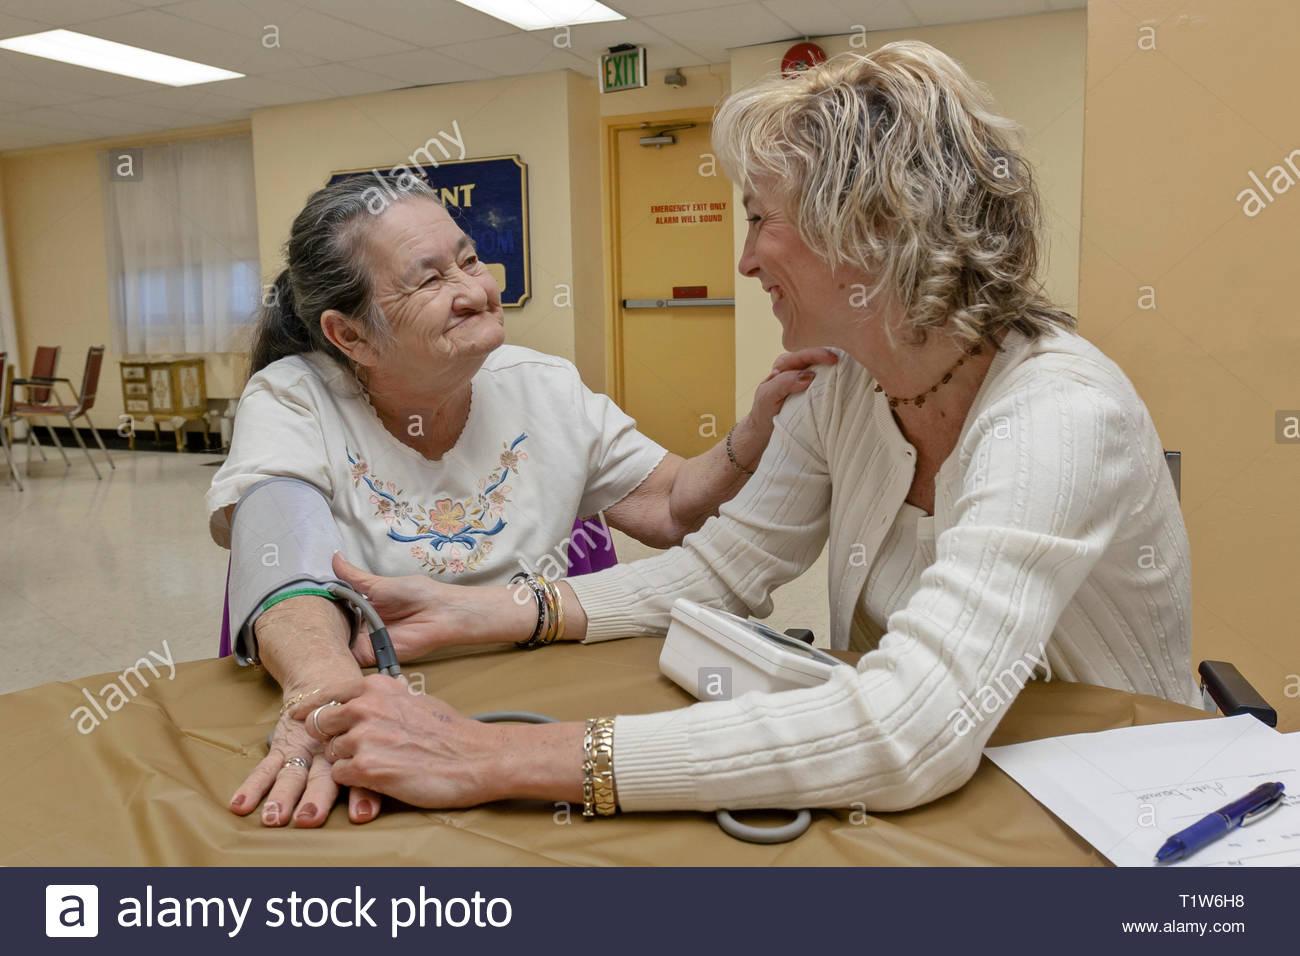 Une infirmière prend la pression artérielle d'une femme senior dans un programme d'approche communautaire. Banque D'Images